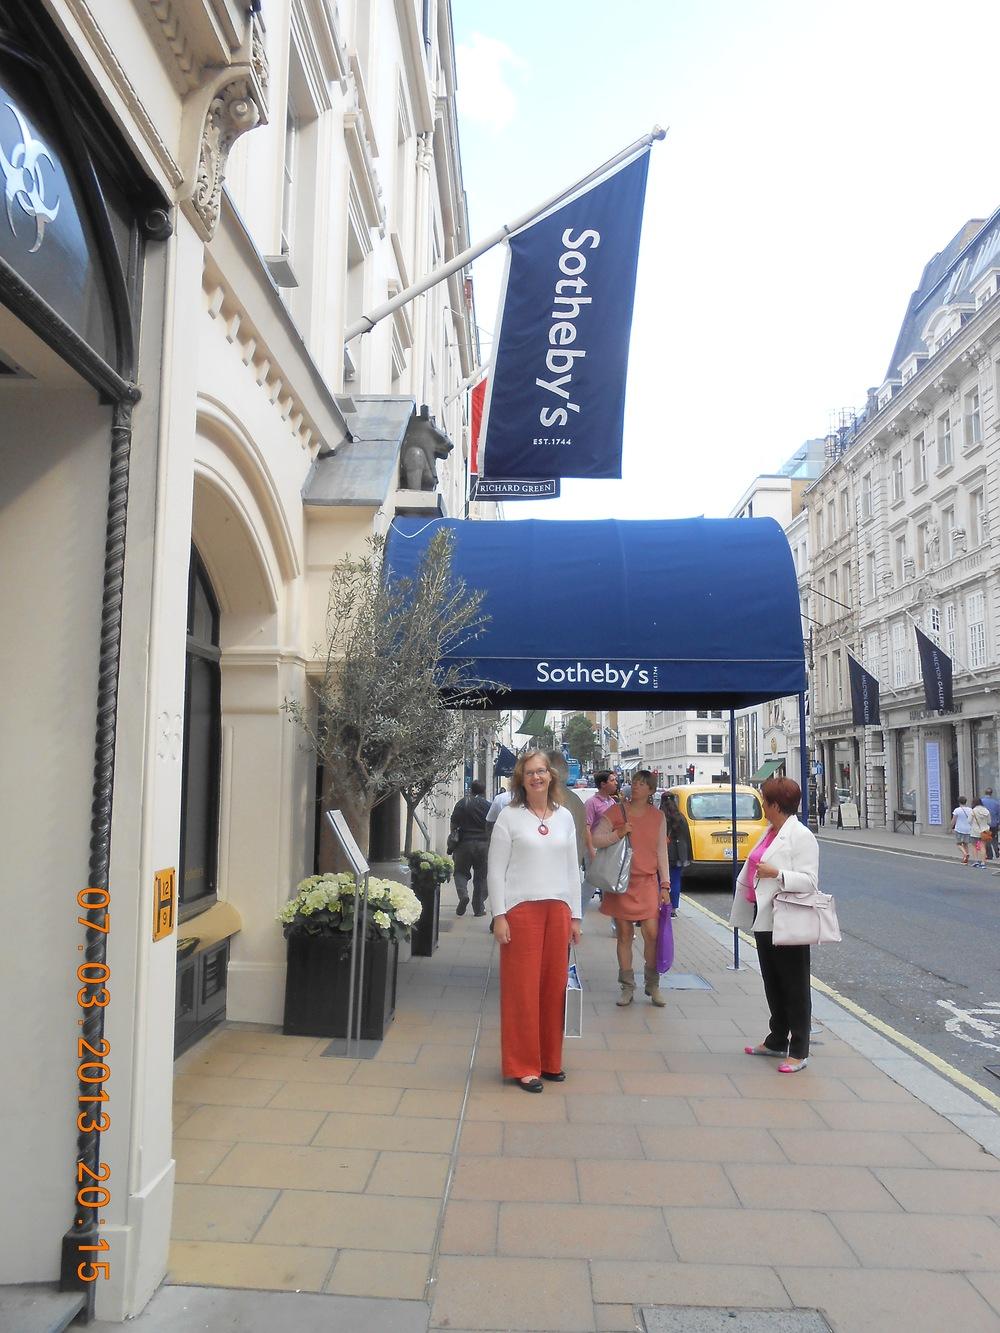 29_London_Denise Sothby's.JPG